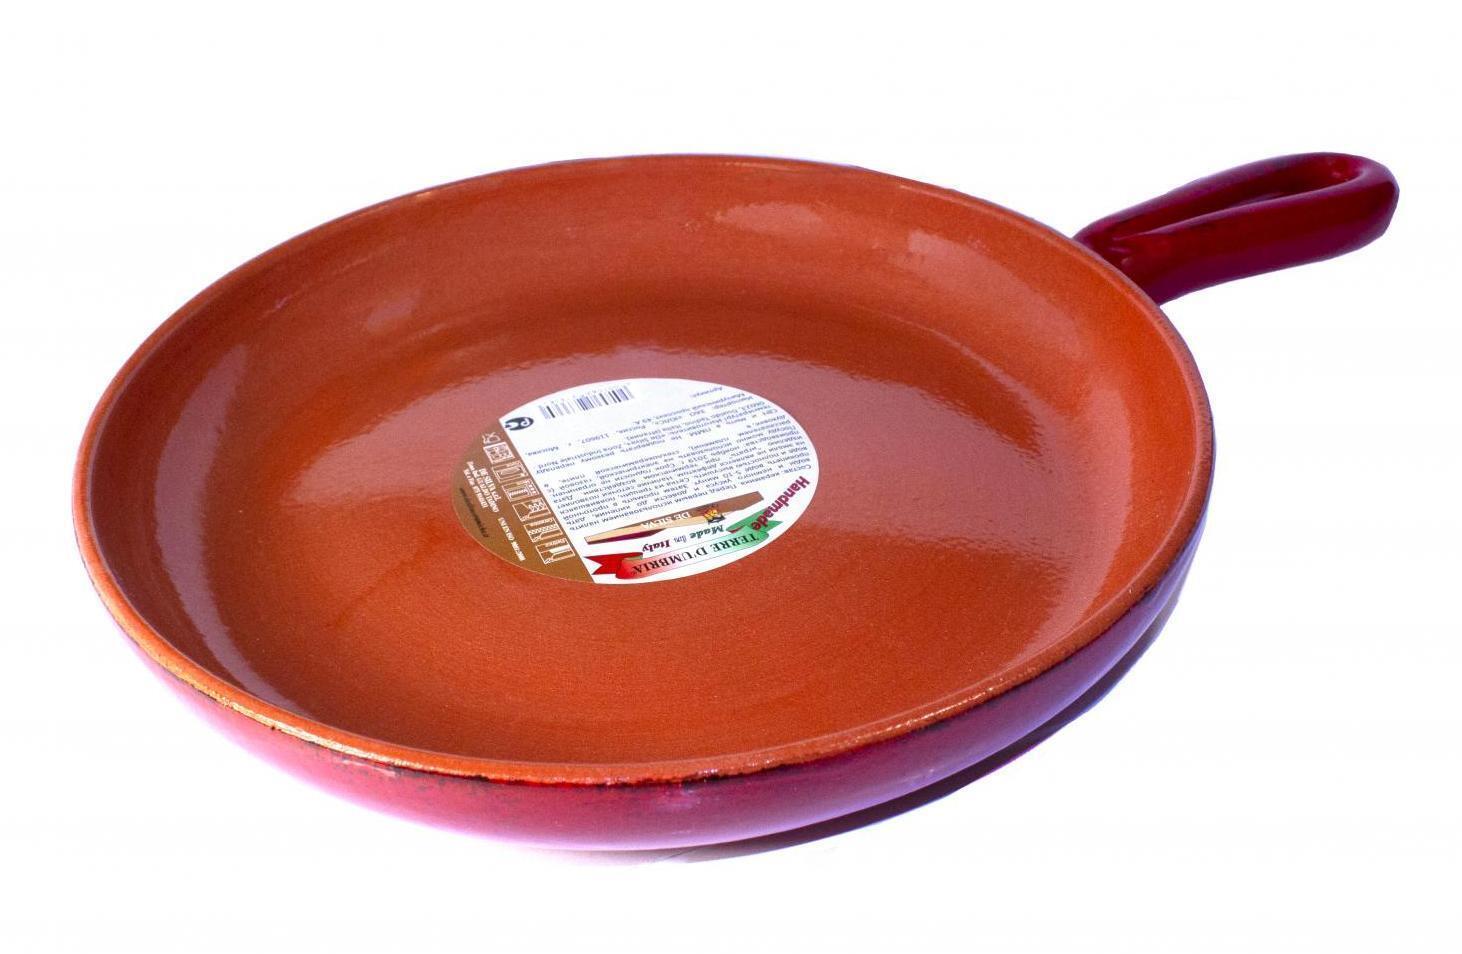 Керамическая сковорода De Silva Дистресст ред 26,5